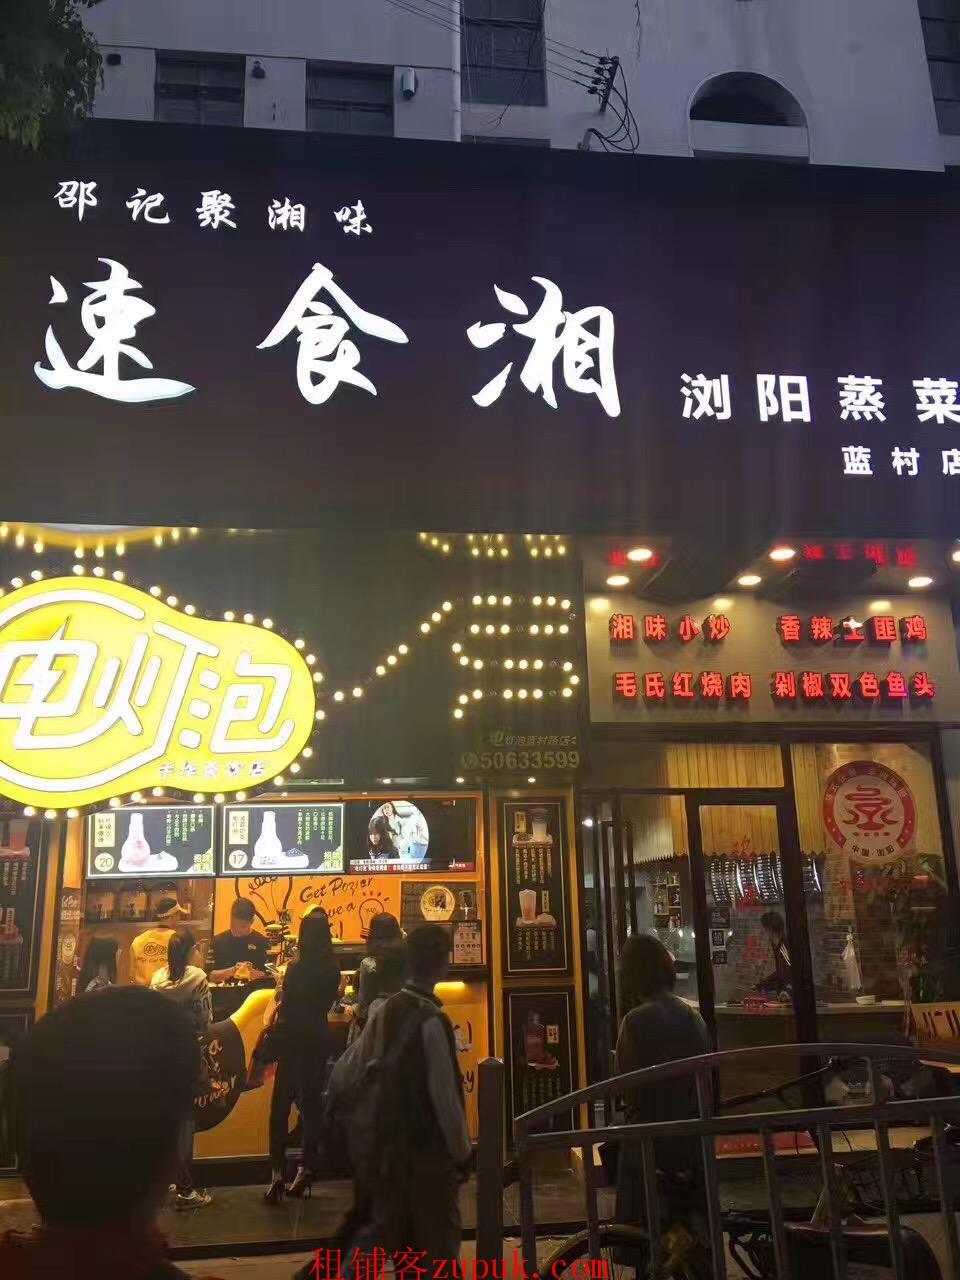 漕宝路沿街1楼旺铺 炒饭蒸菜小吃轻餐 执照齐全